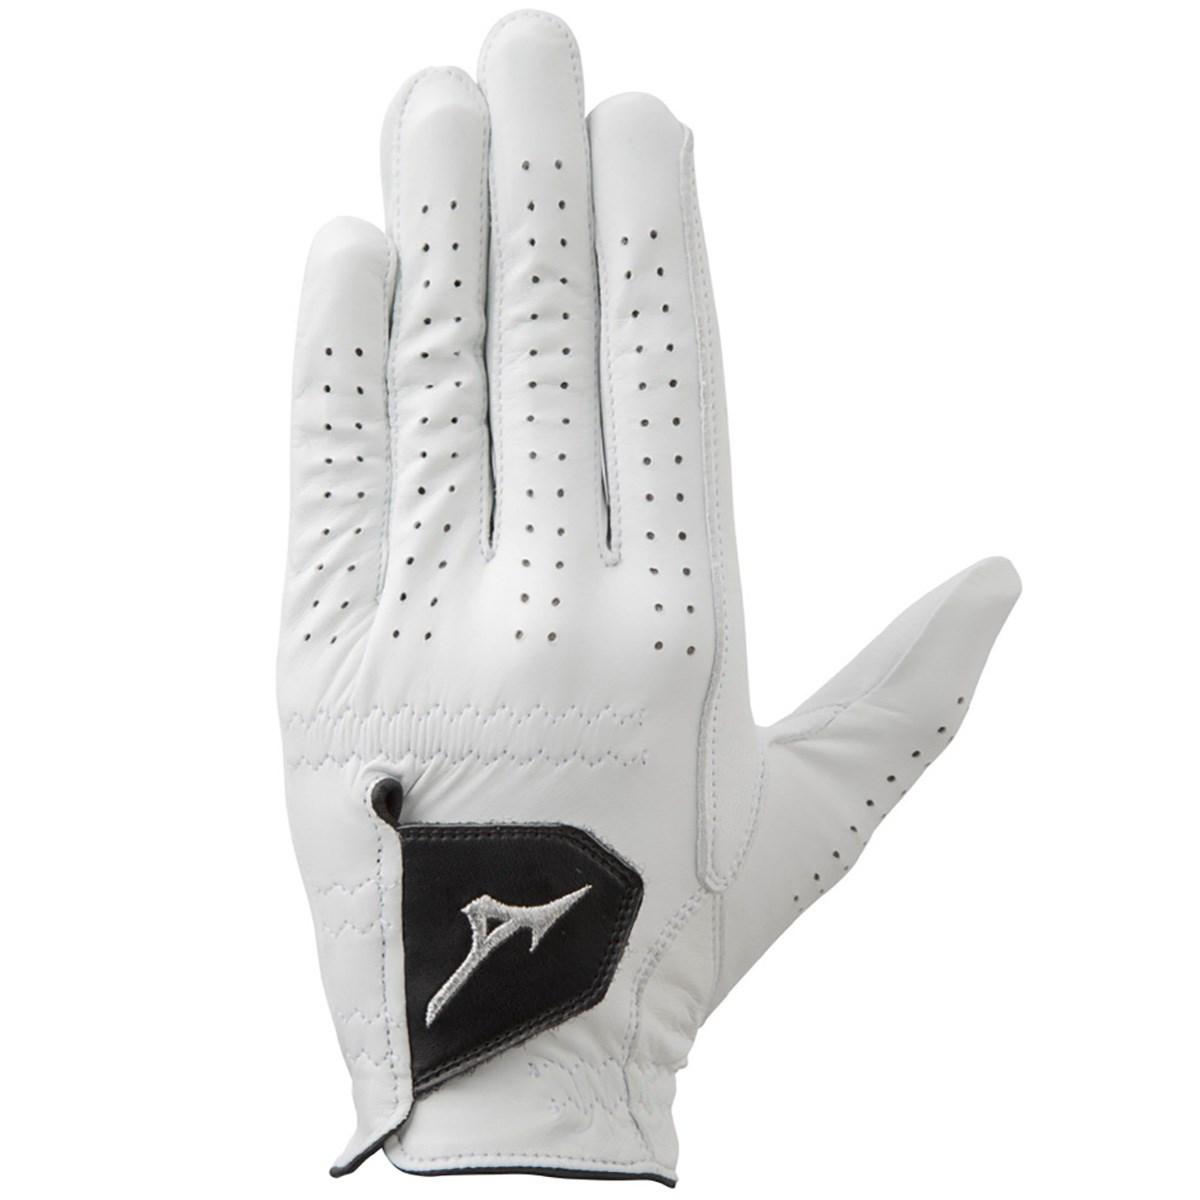 ミズノ MIZUNO 強革0.8 グローブ 23cm 左手着用(右利き用) ホワイト